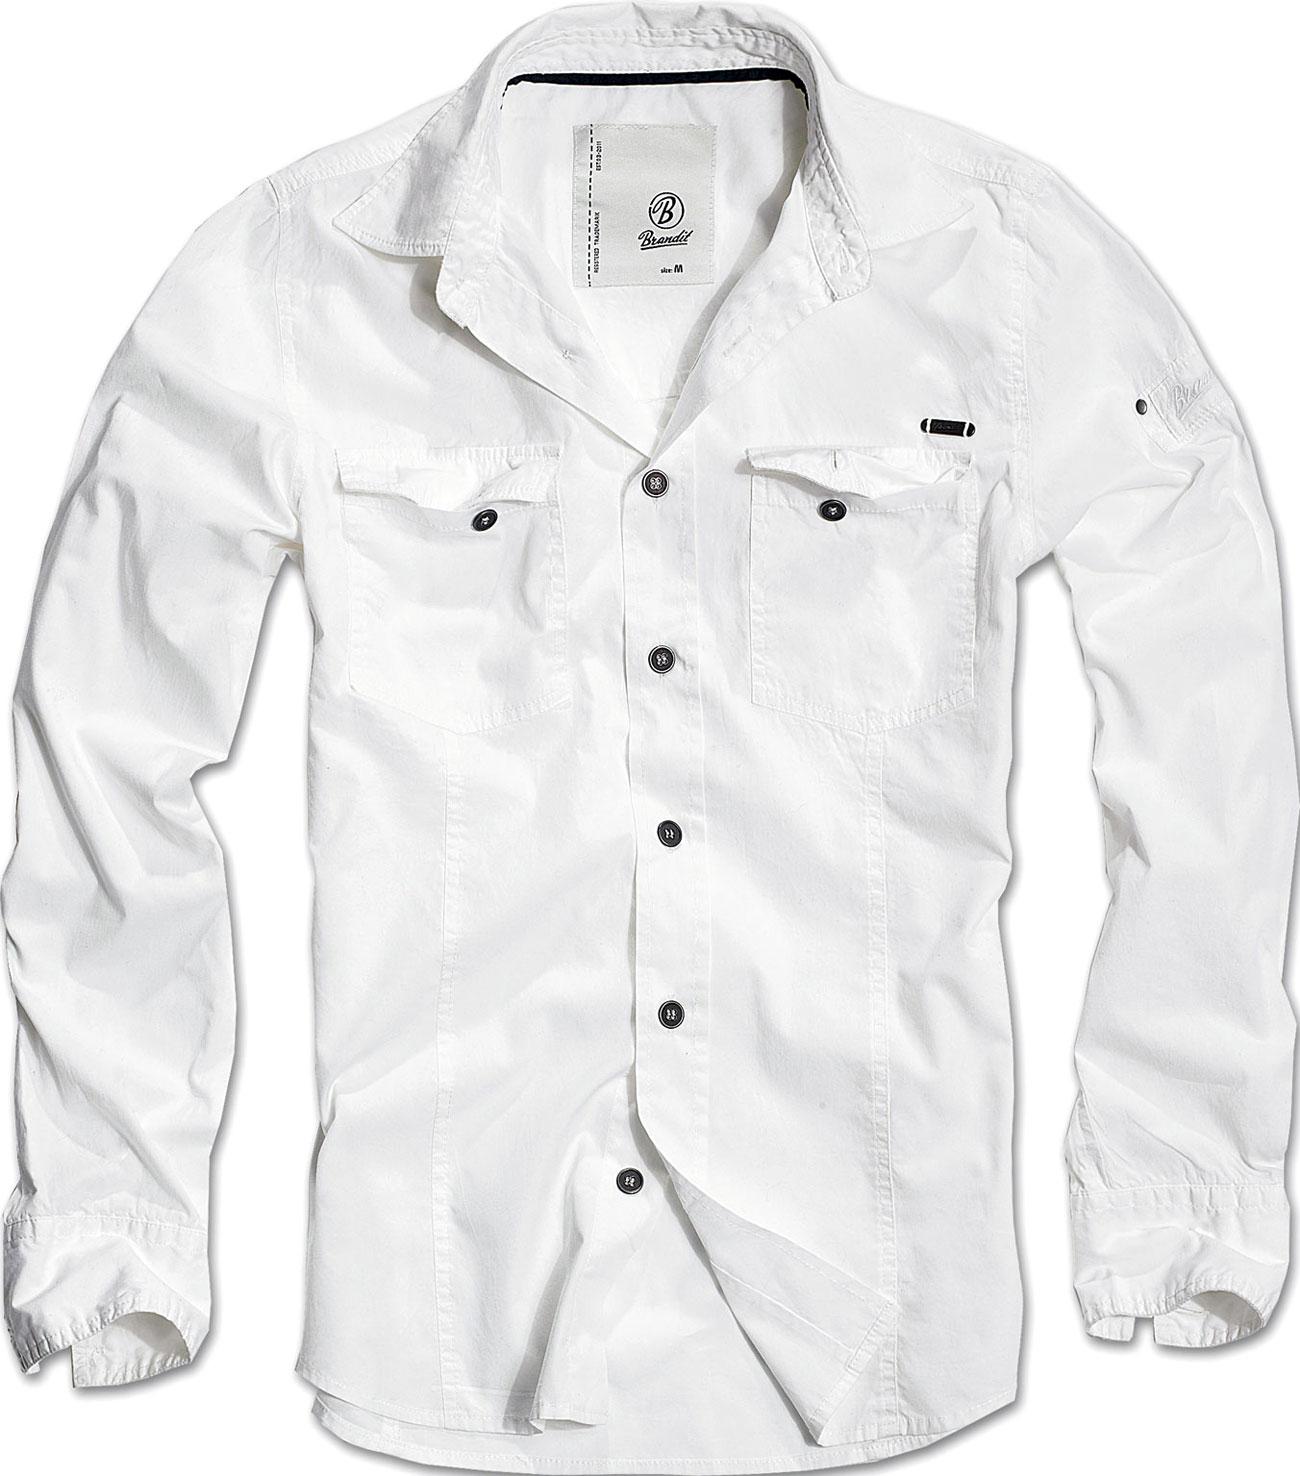 Brandit Slimfit, Hemd - Weiß - M 4005-7-M